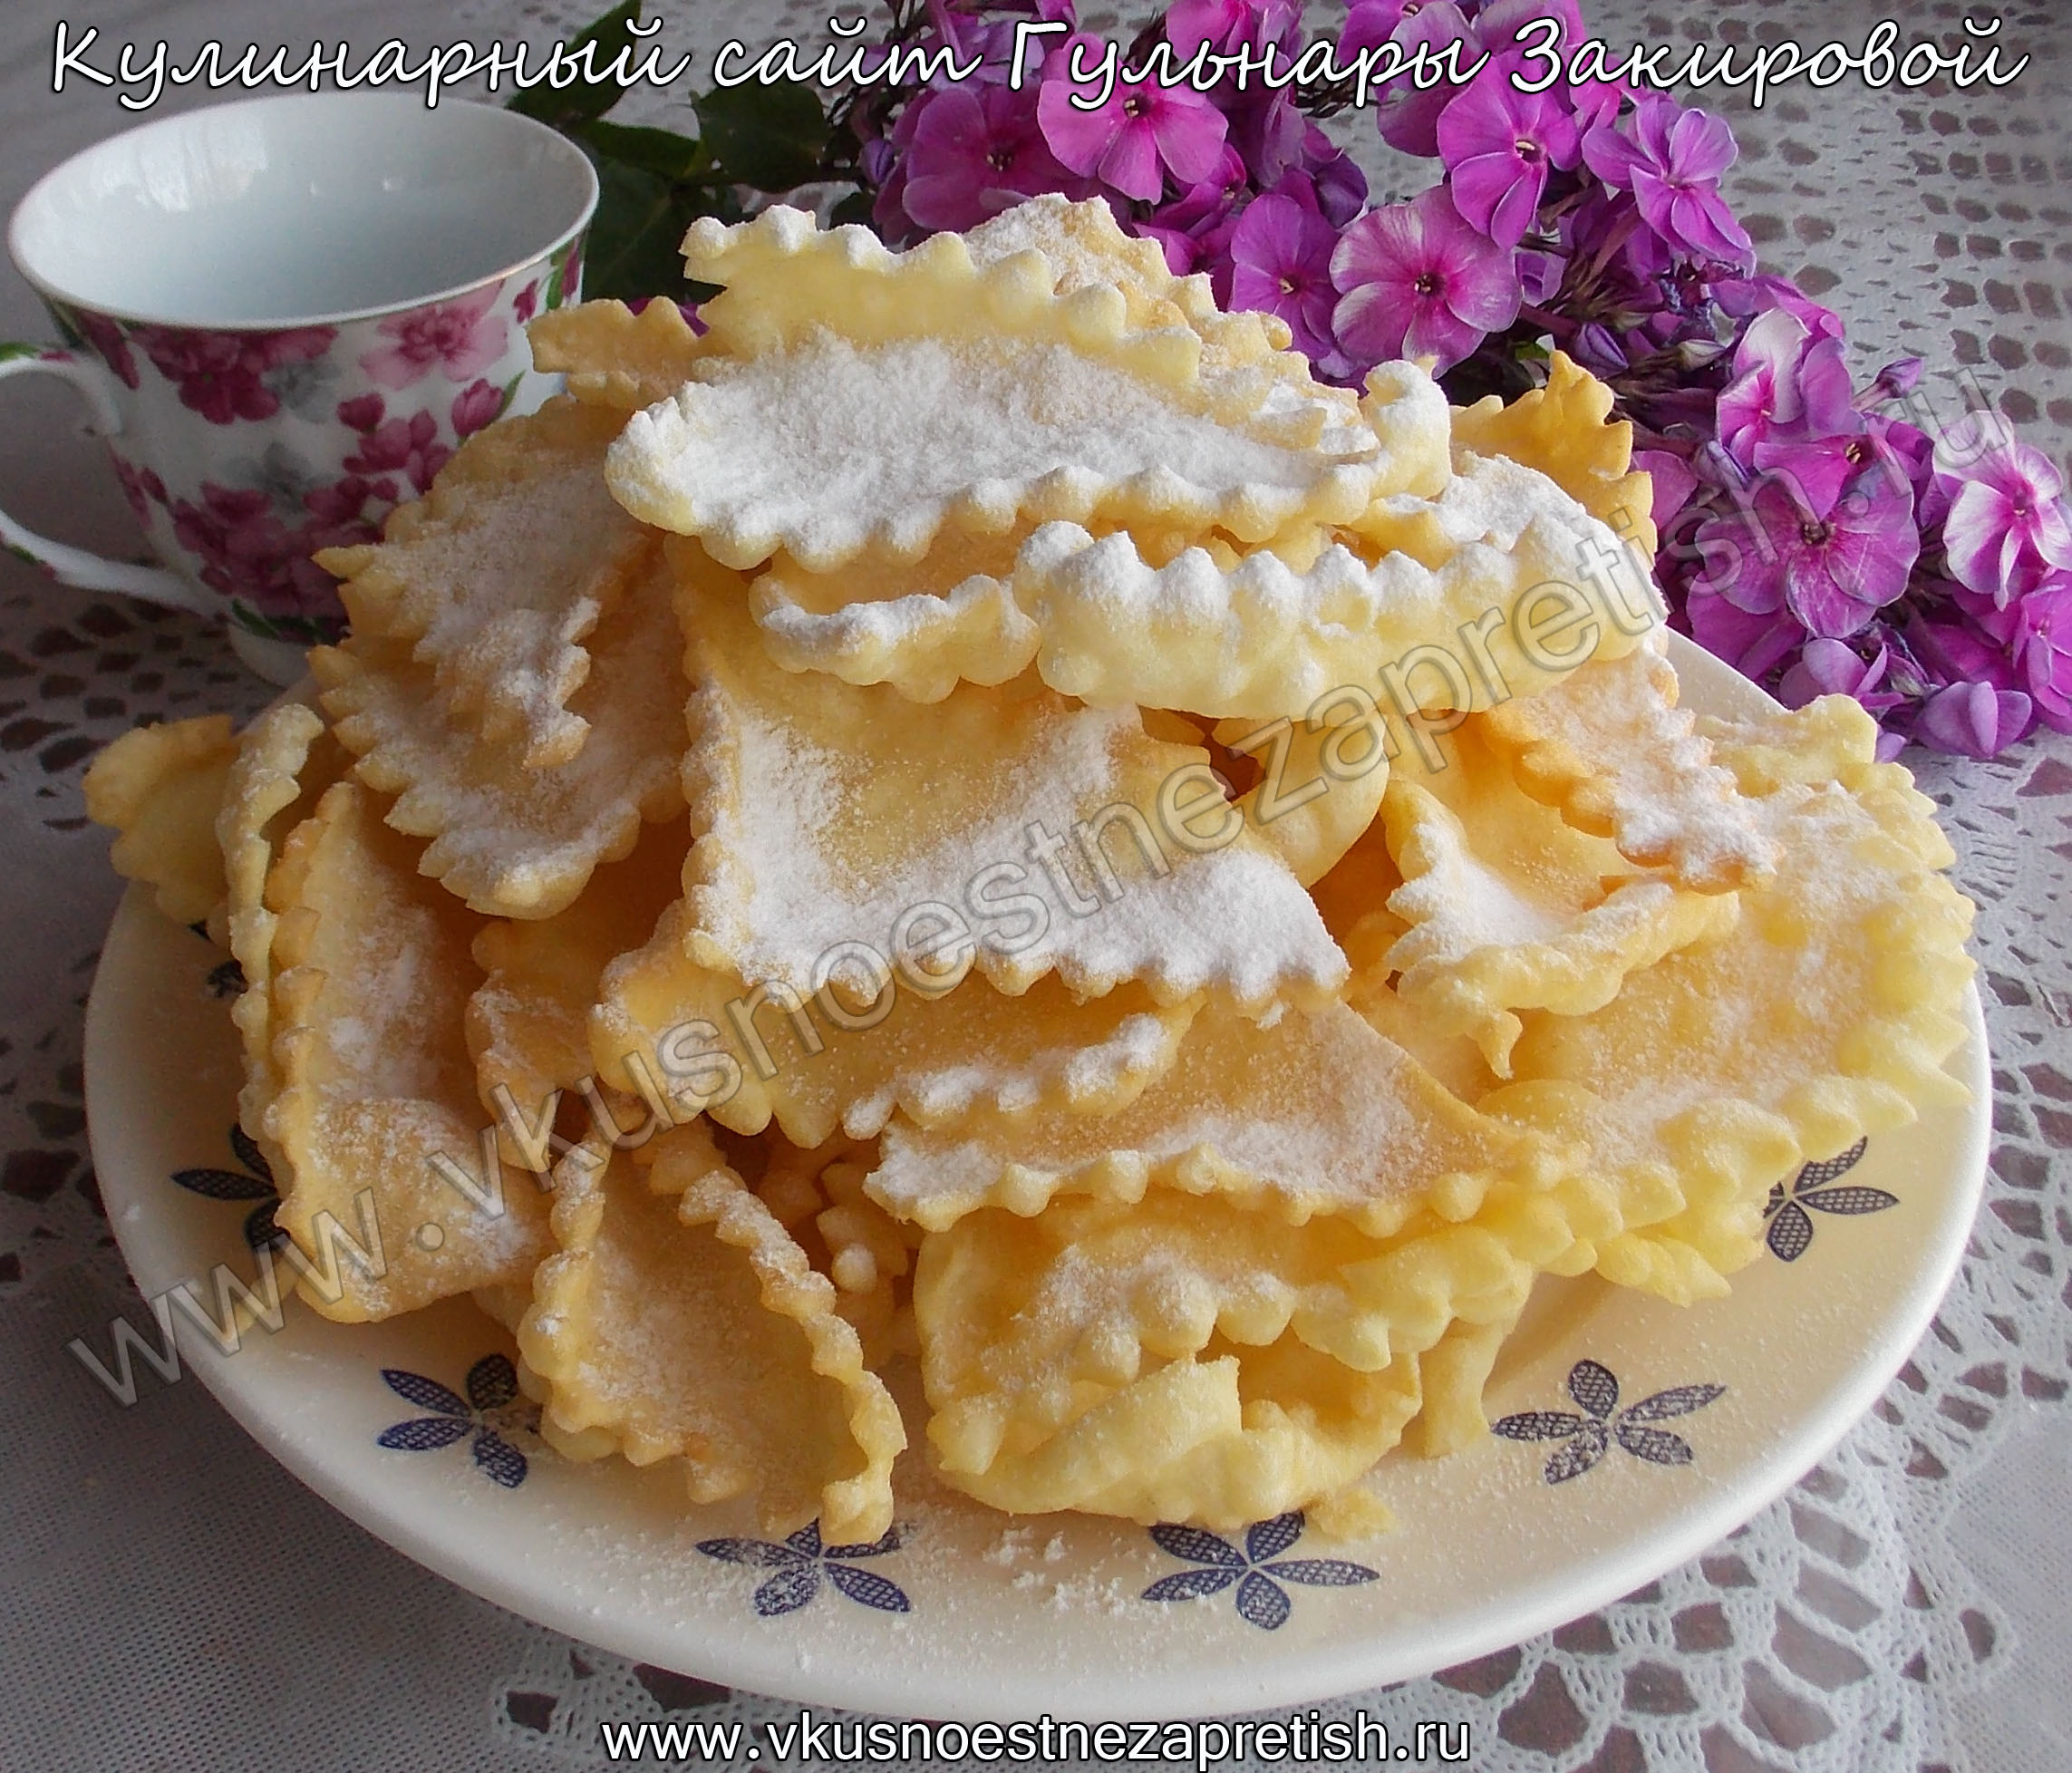 Рецепт татарского баурсака в домашних условиях